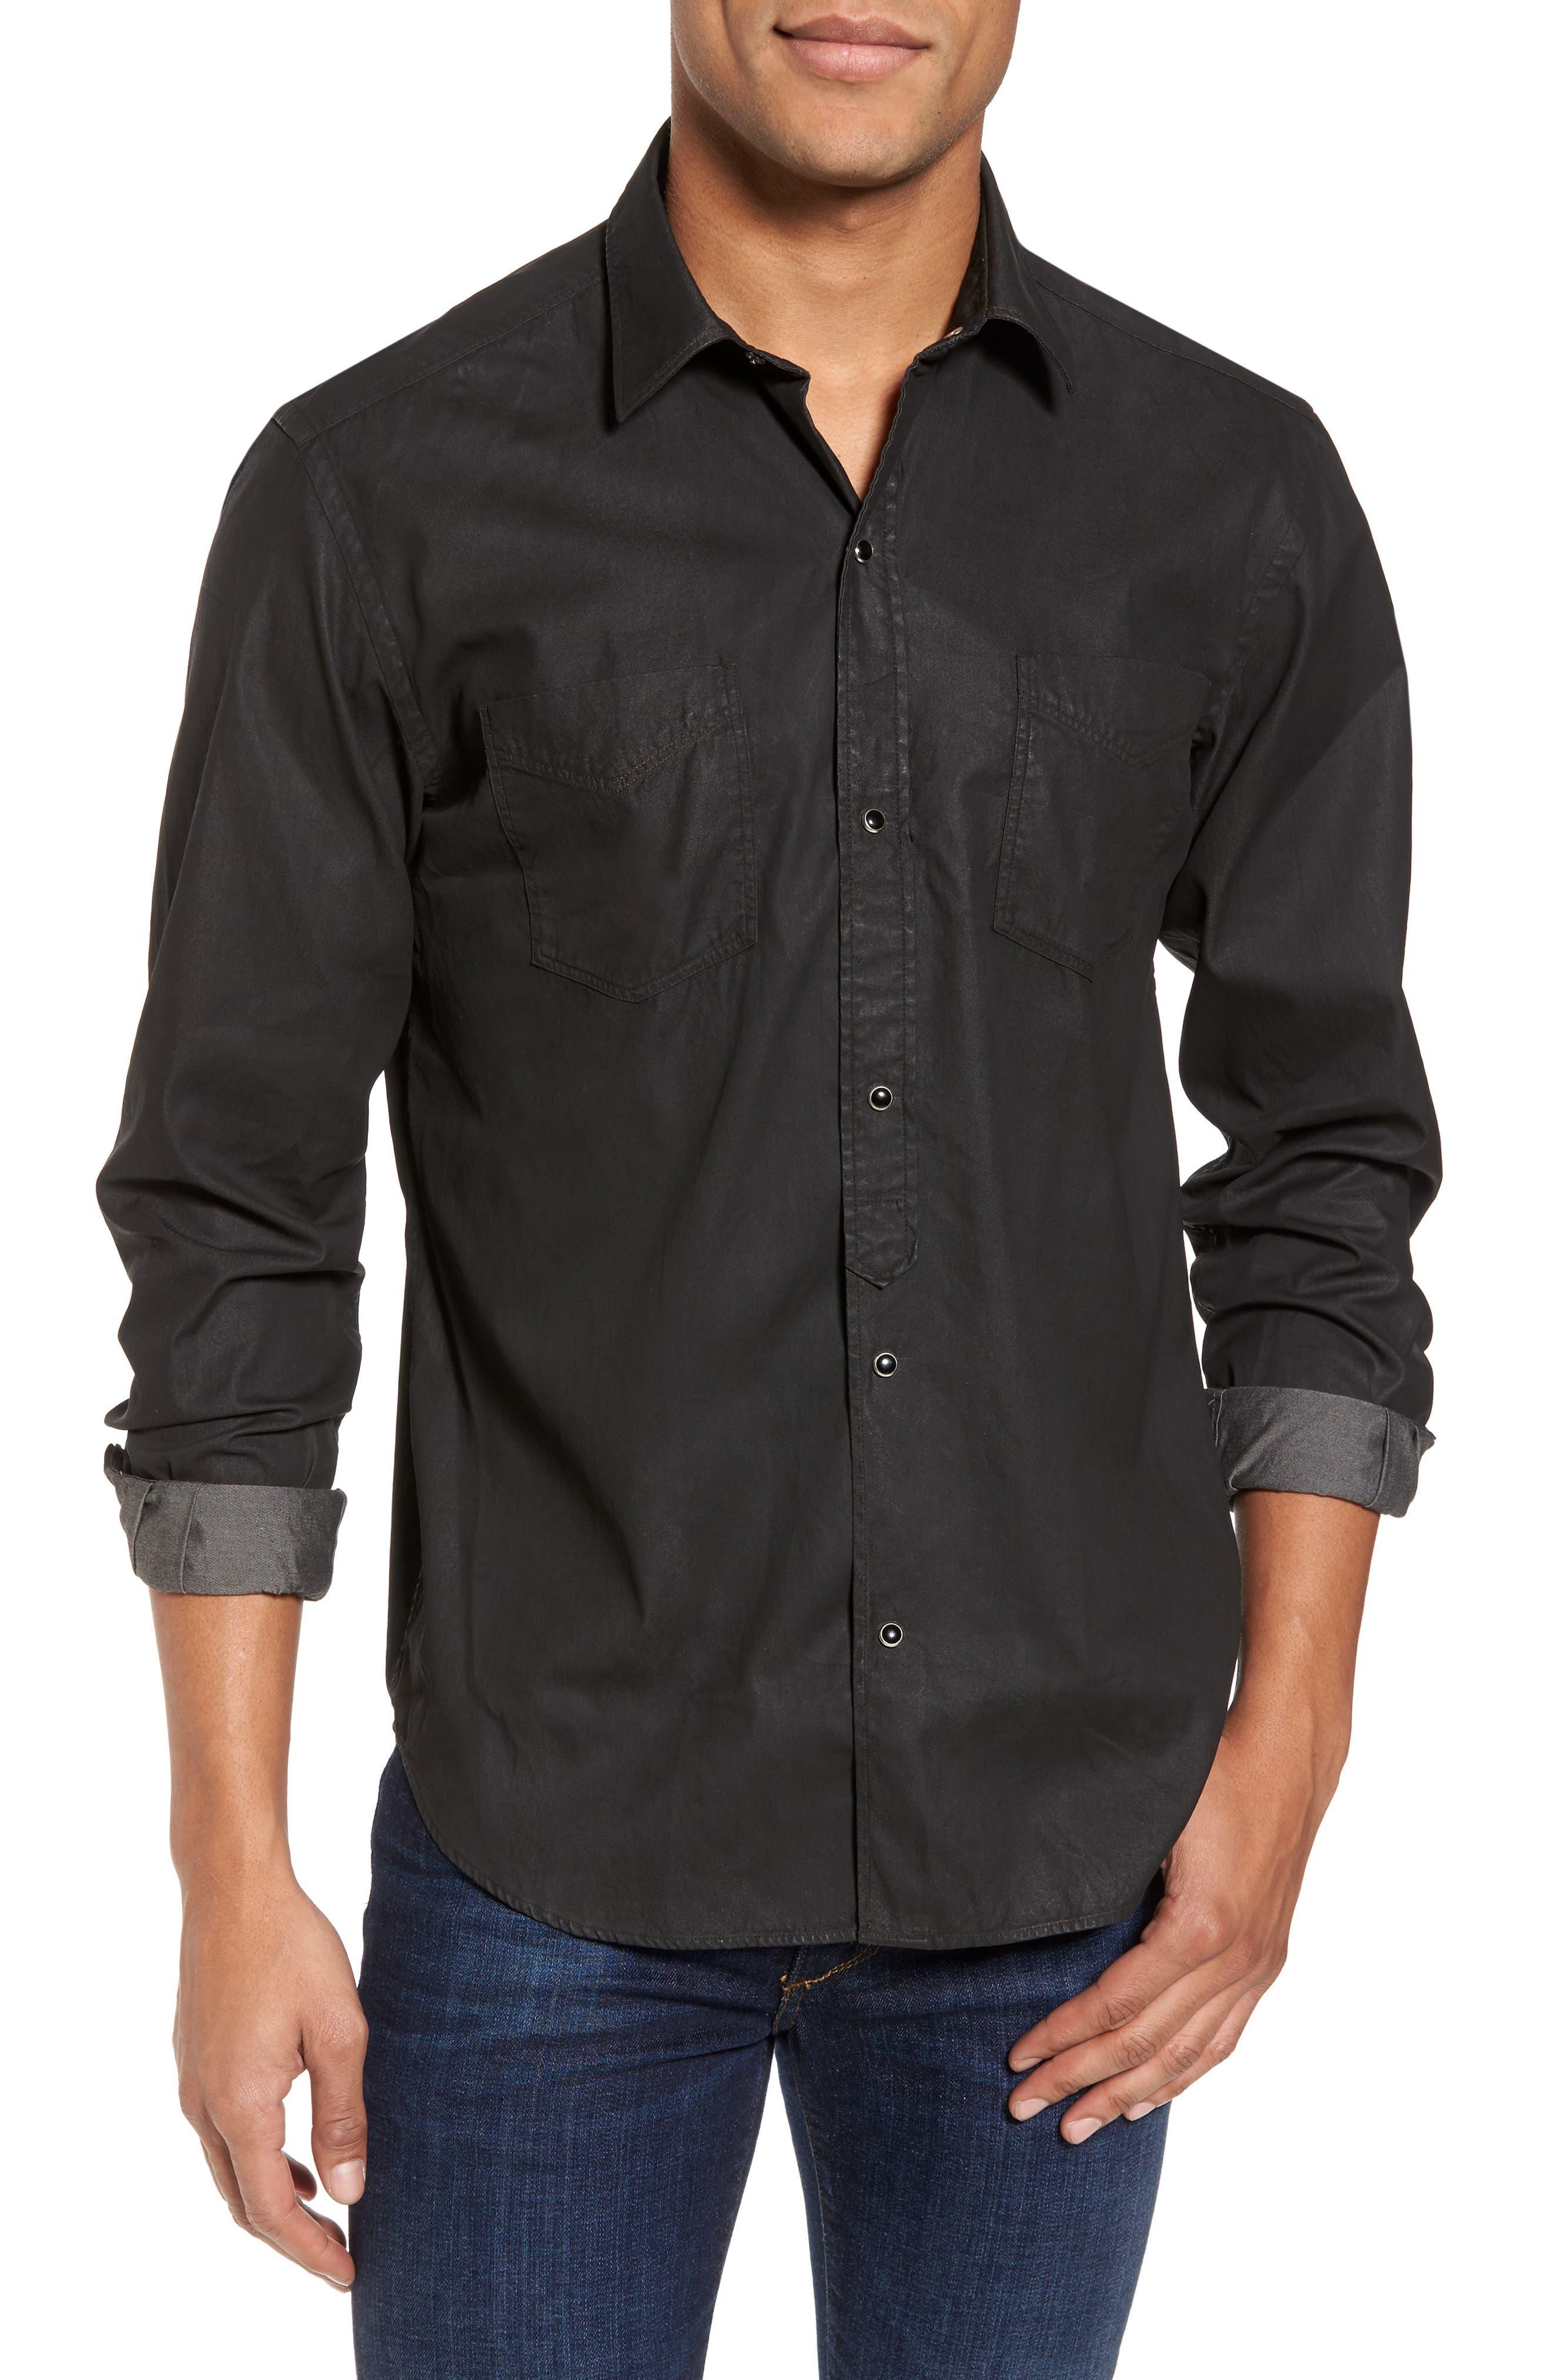 Alternate Image 1 Selected - Culturata Trim Fit Resin Wash Denim Shirt